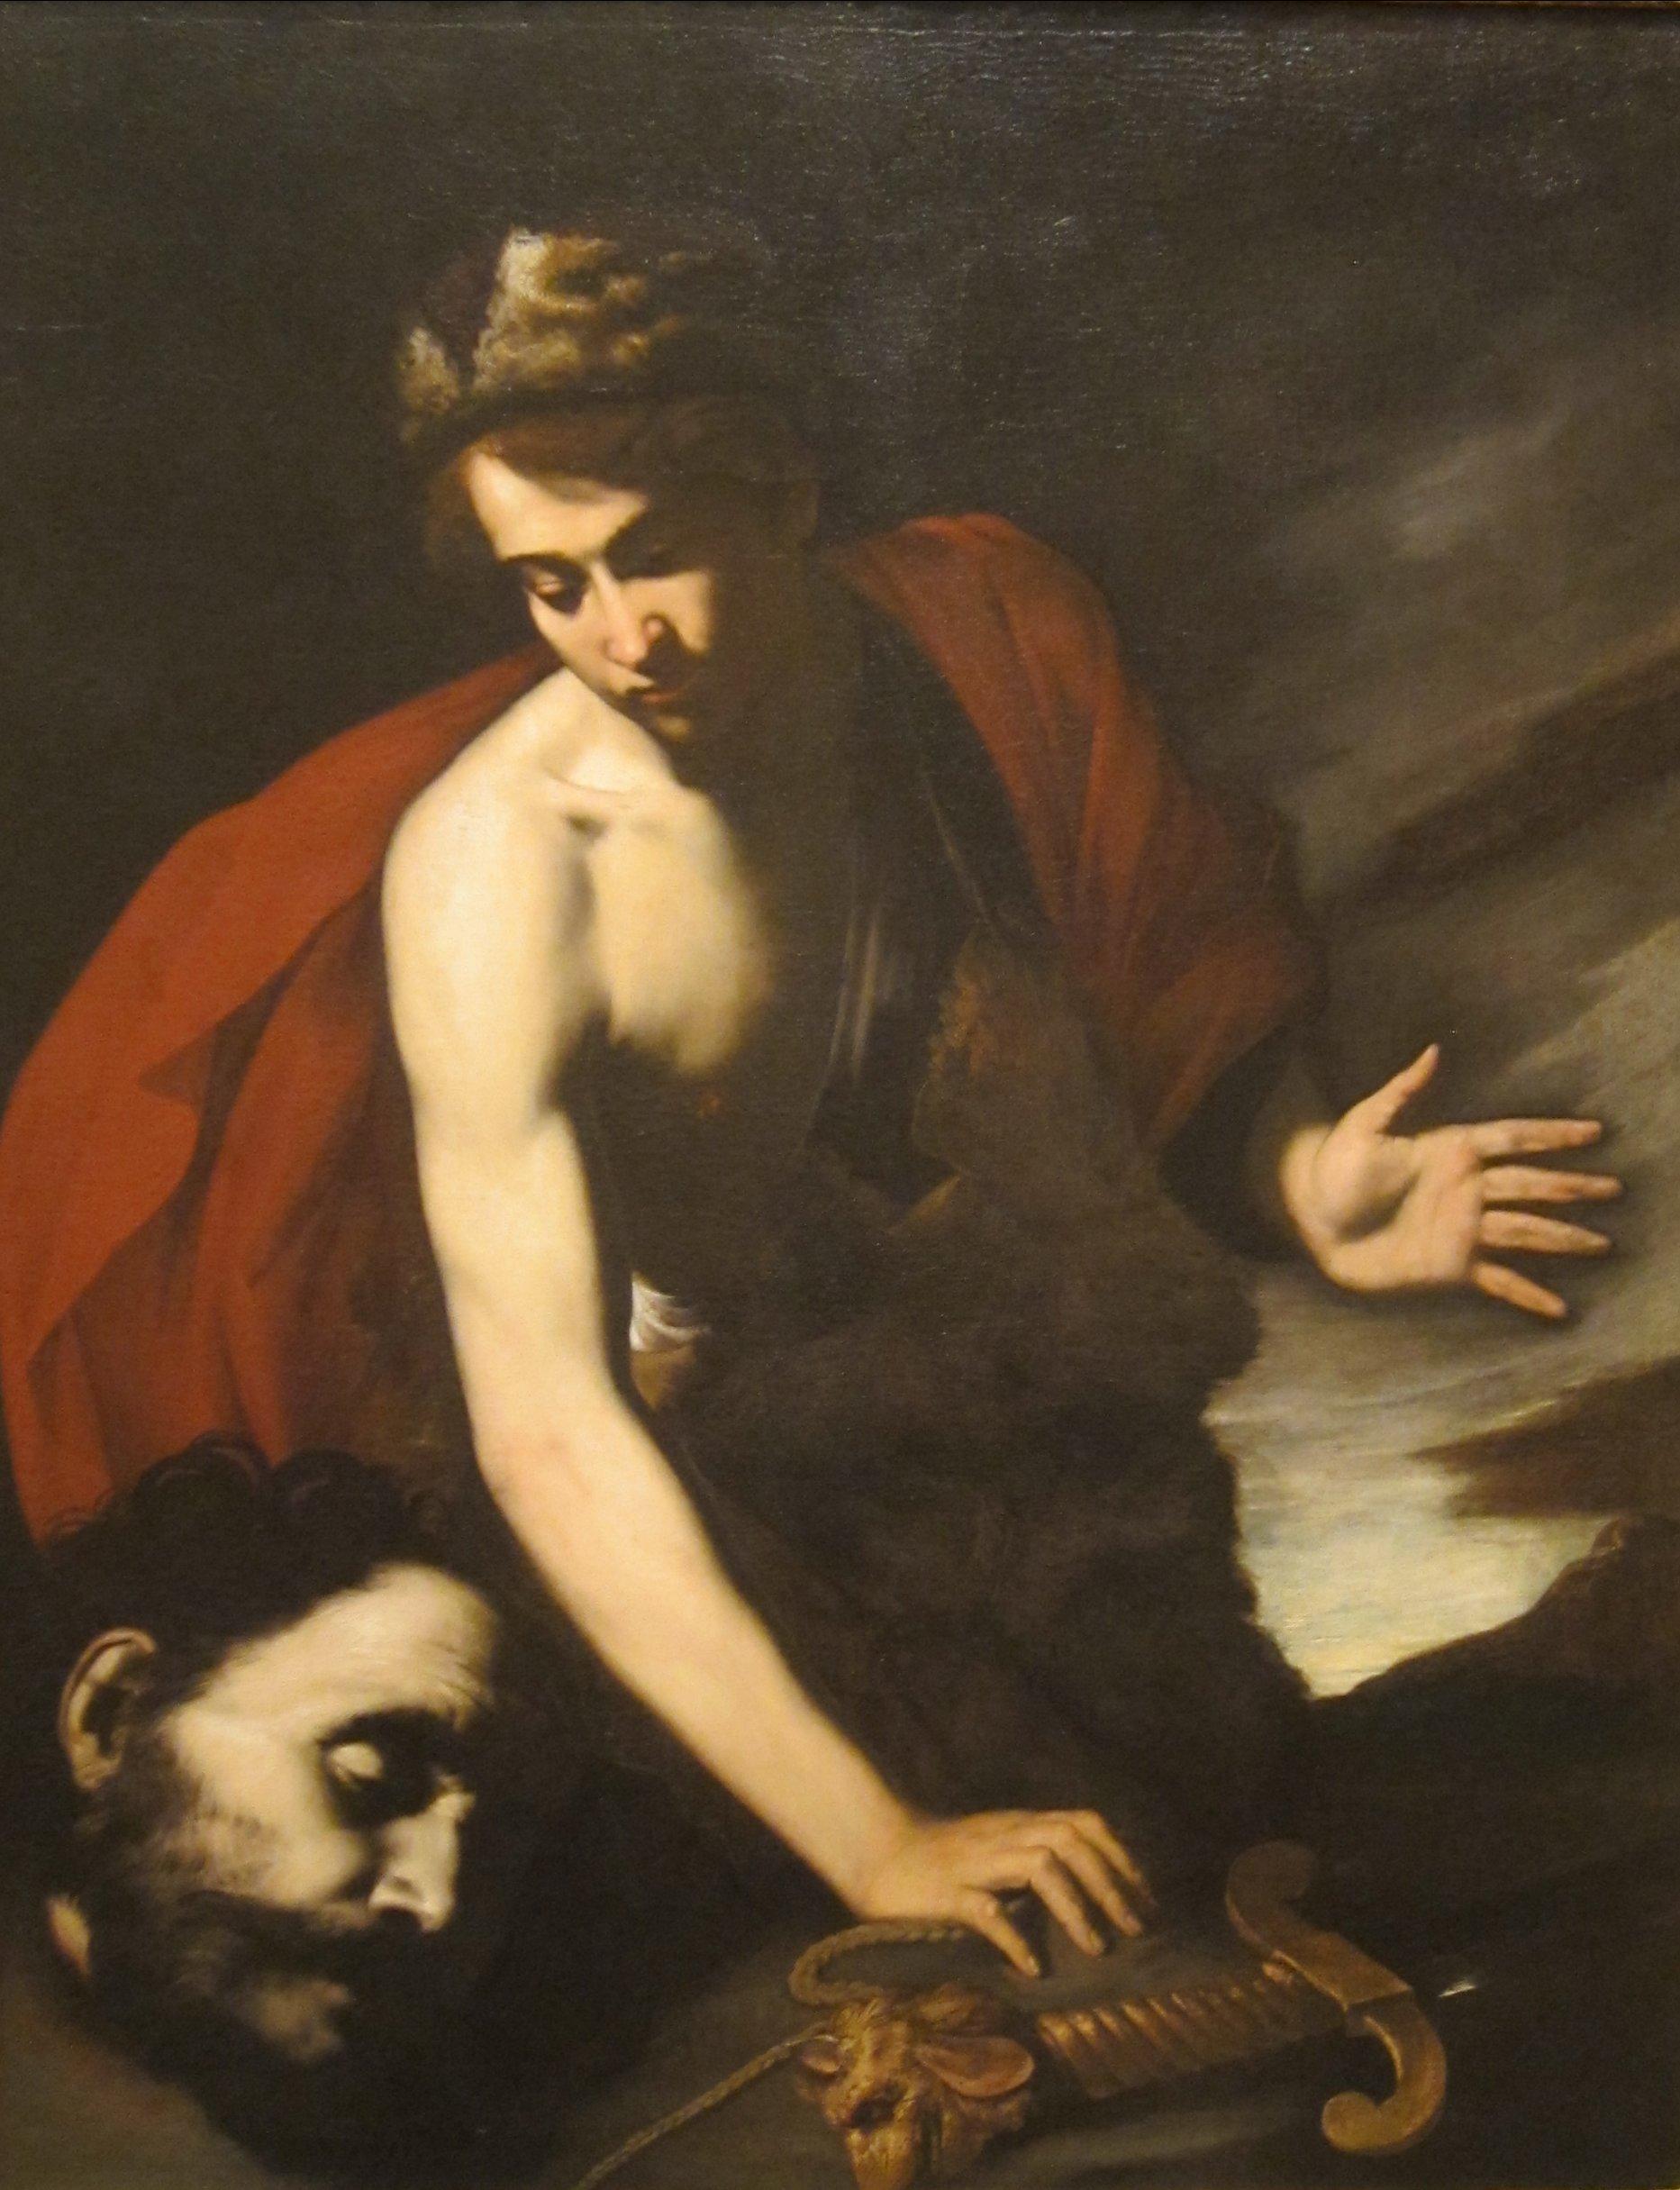 Resultado de imagem para painting of david